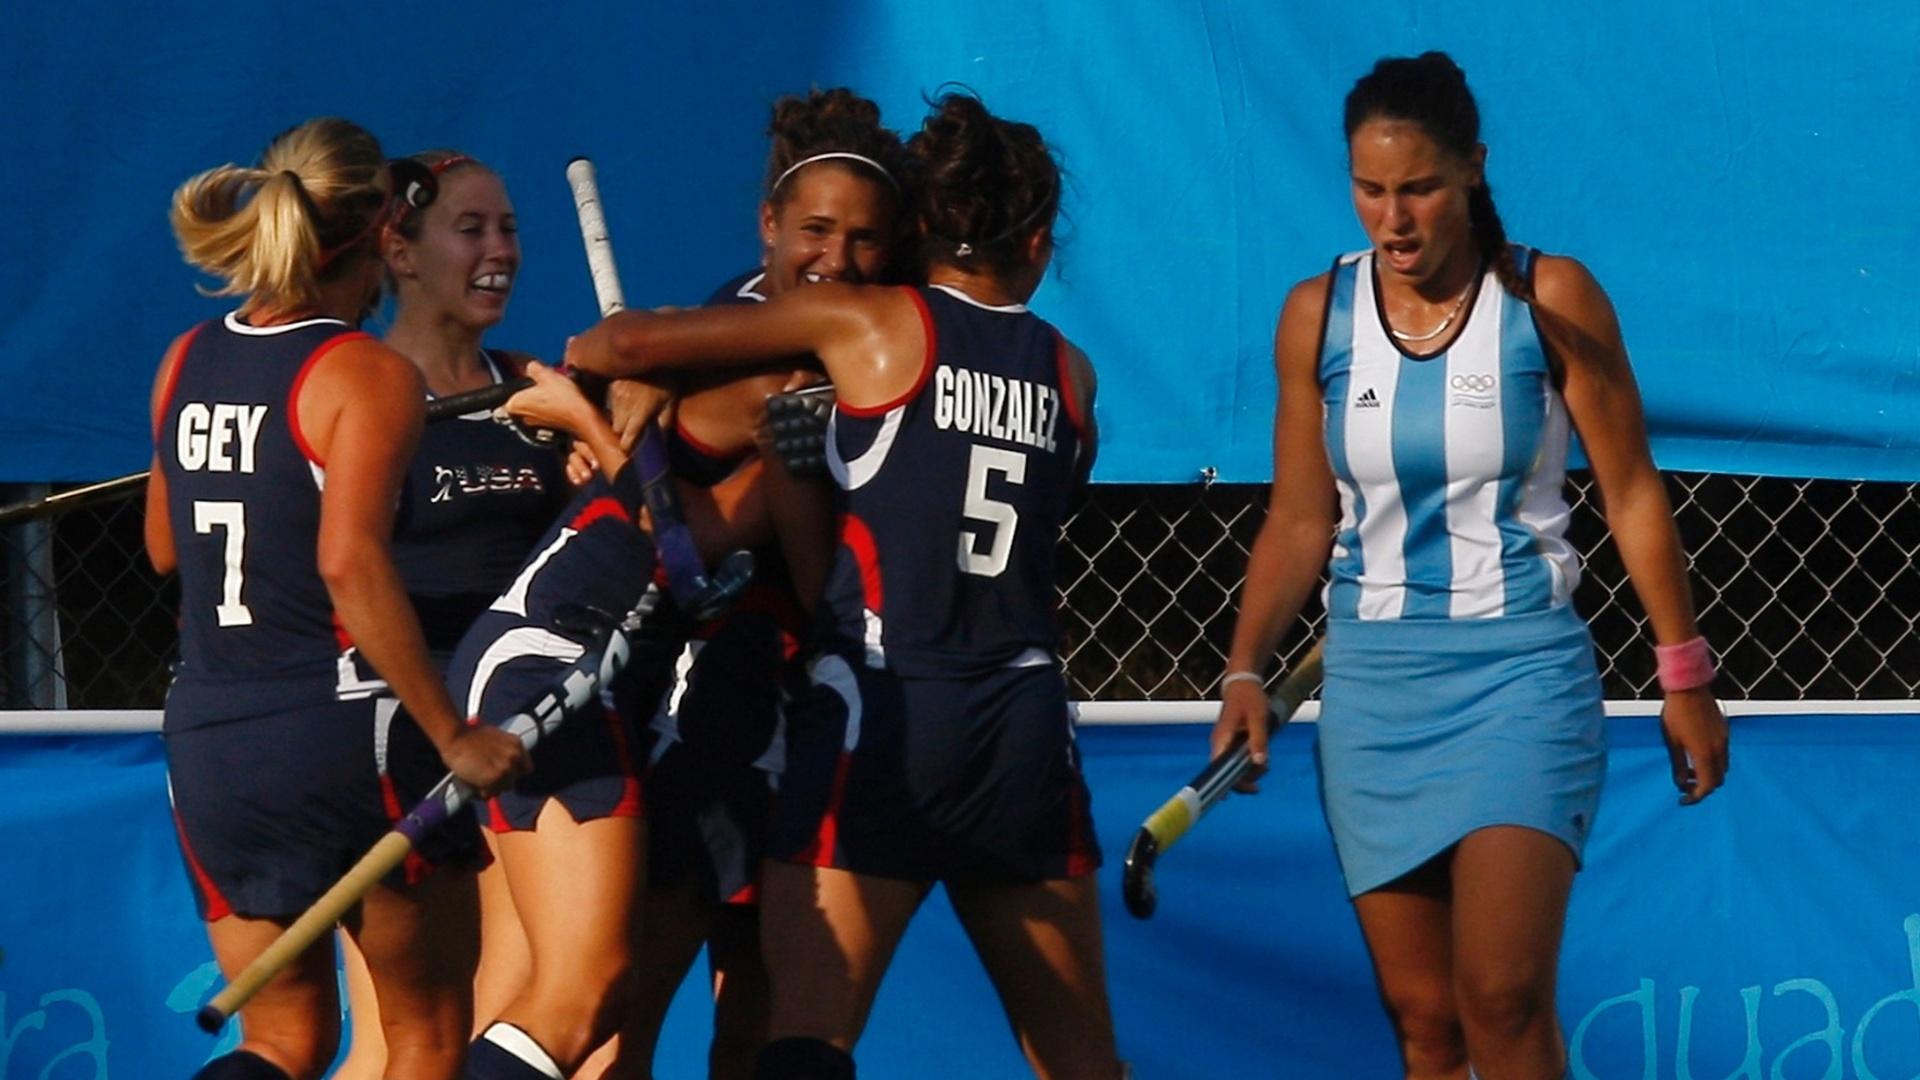 A Argentina perdeu para o Canadá na decisão do hóquei na grama por 4 a 2